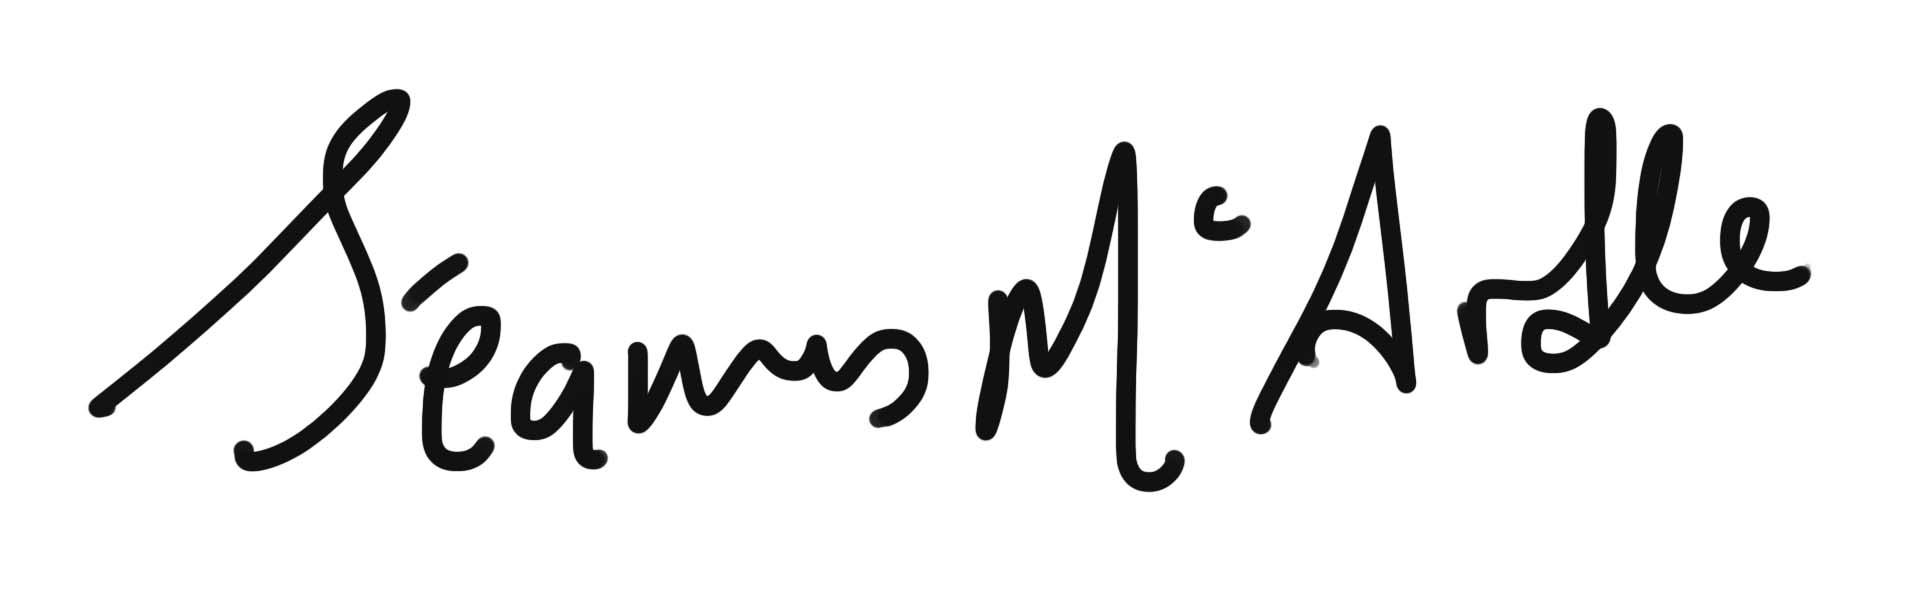 Seamus Mc Ardle's Signature